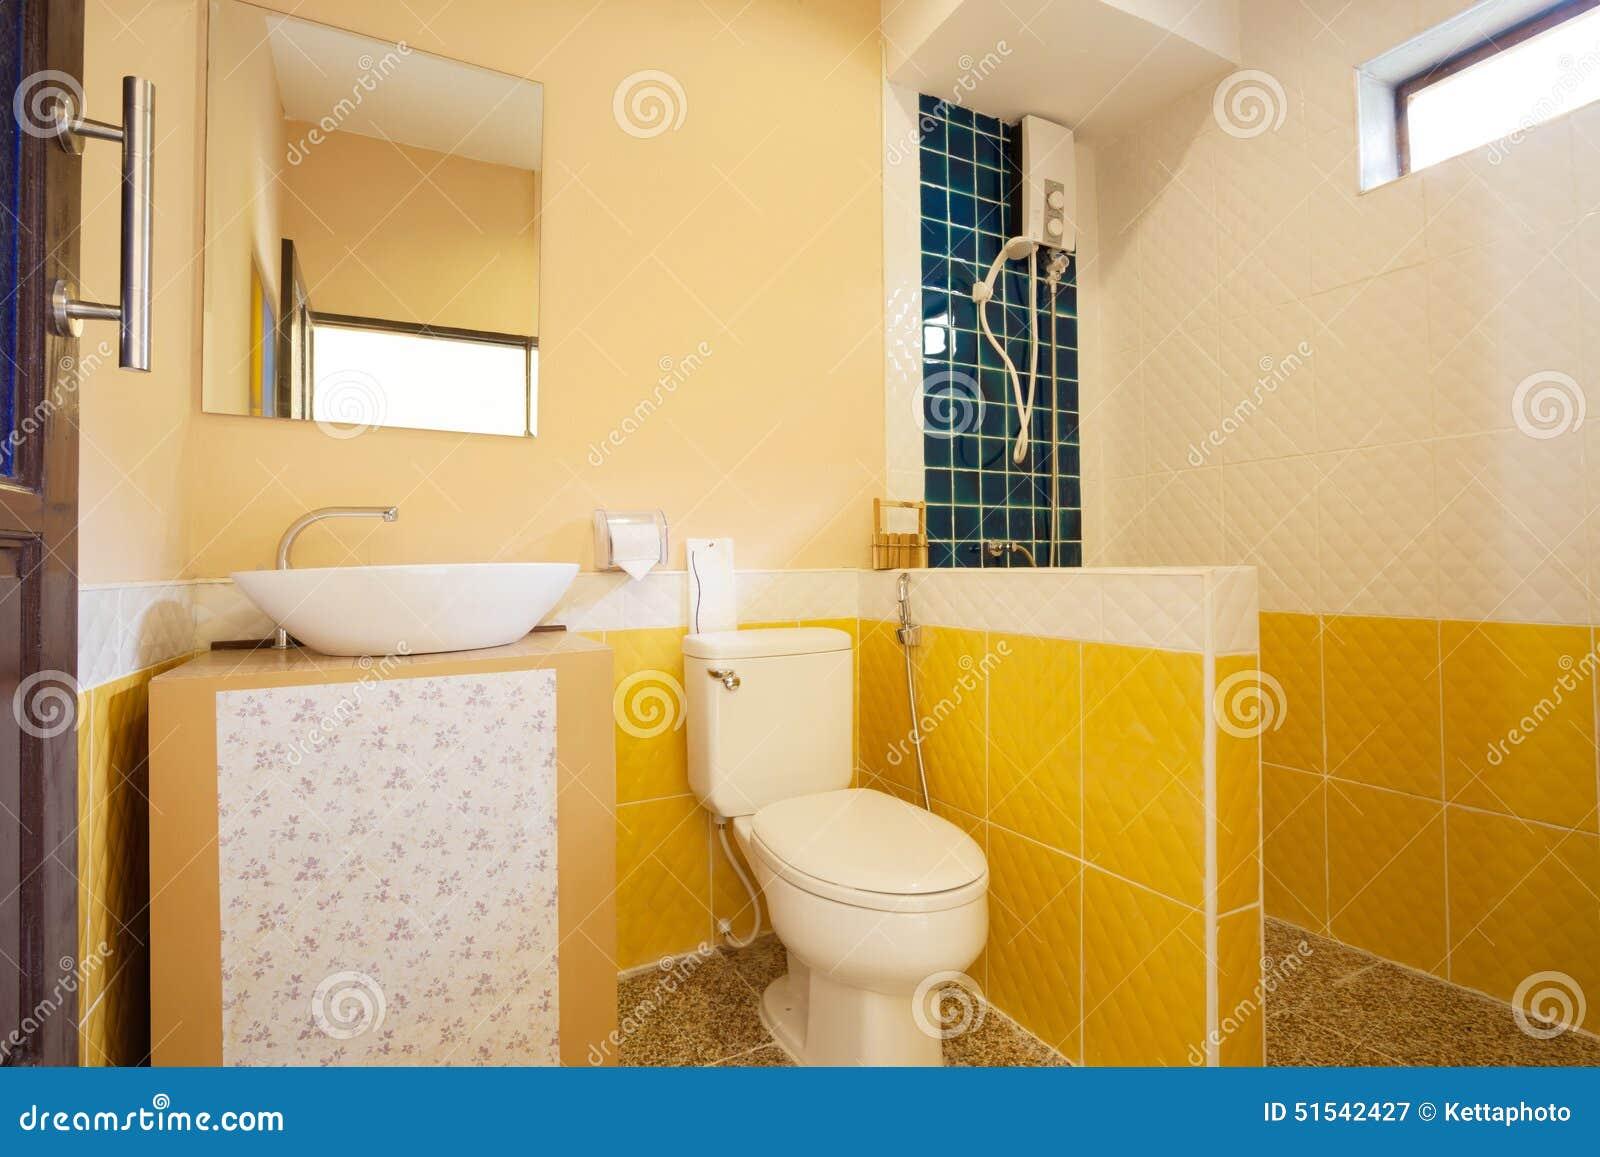 Toalett och badrum arkivfoto   bild: 51542427